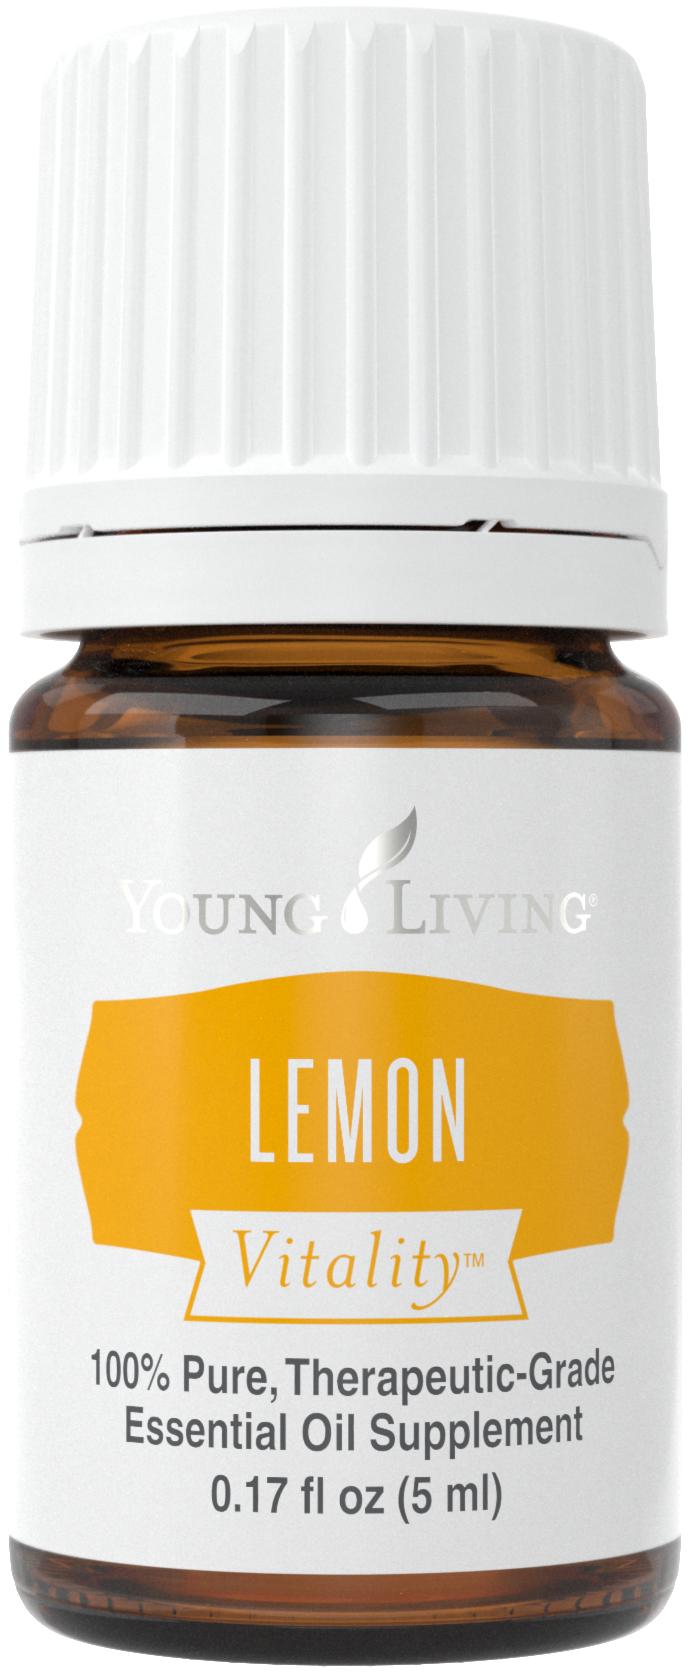 lemon_5ml_suplement_silo_2016_23775651933_o.png